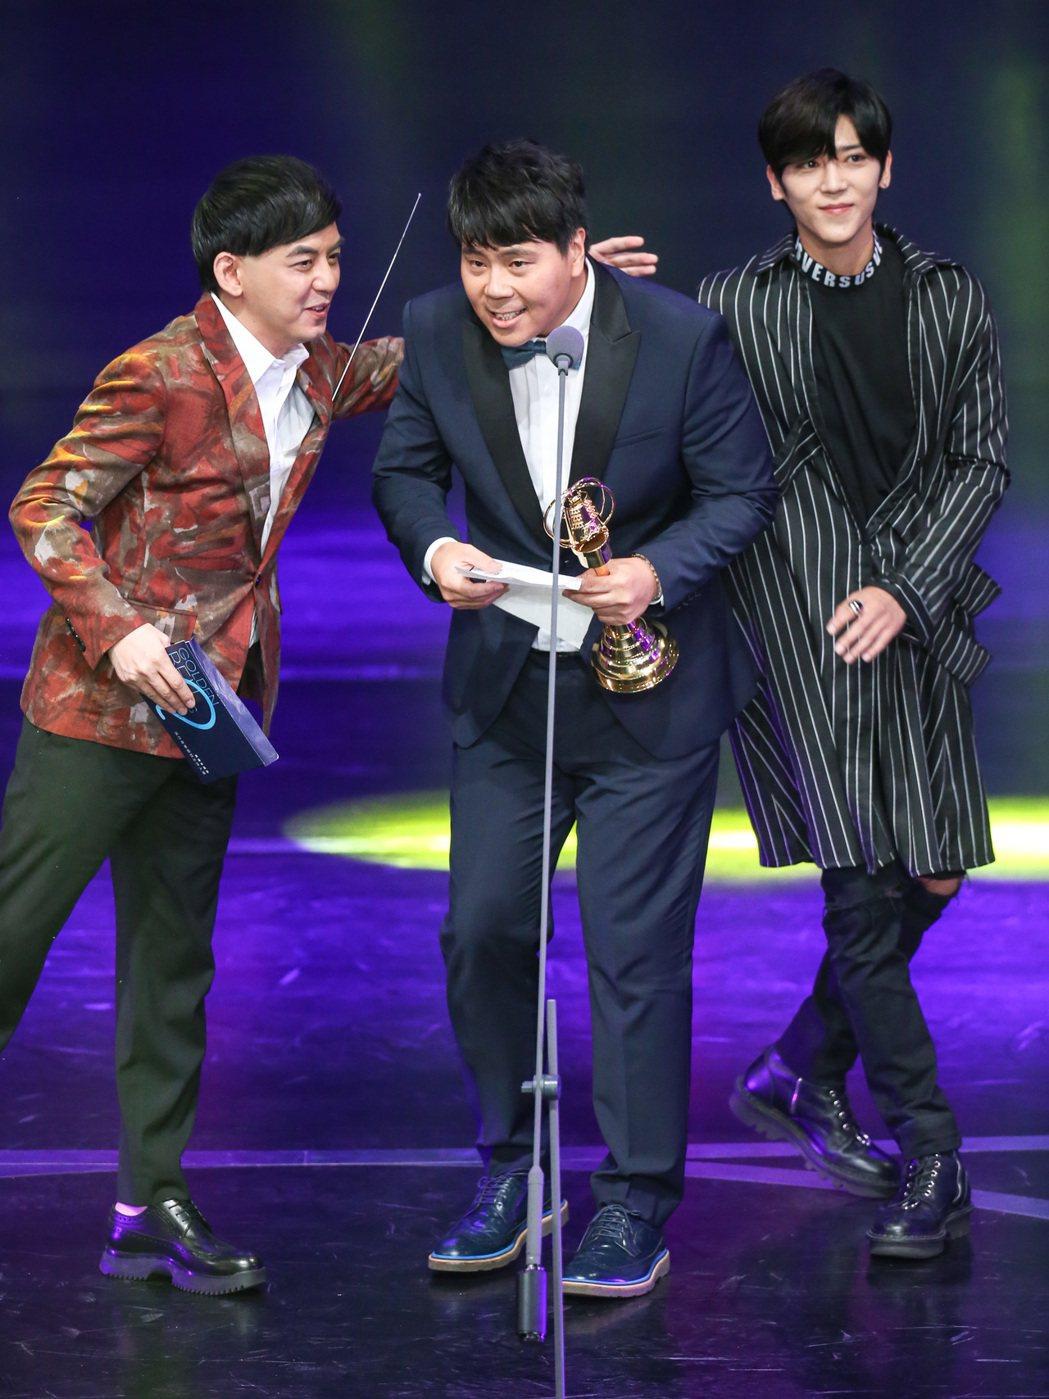 第52屆廣播金鐘獎,黃子佼(左)、畢書盡(右)頒獎給邵大倫(中)。記者鄭清元/攝